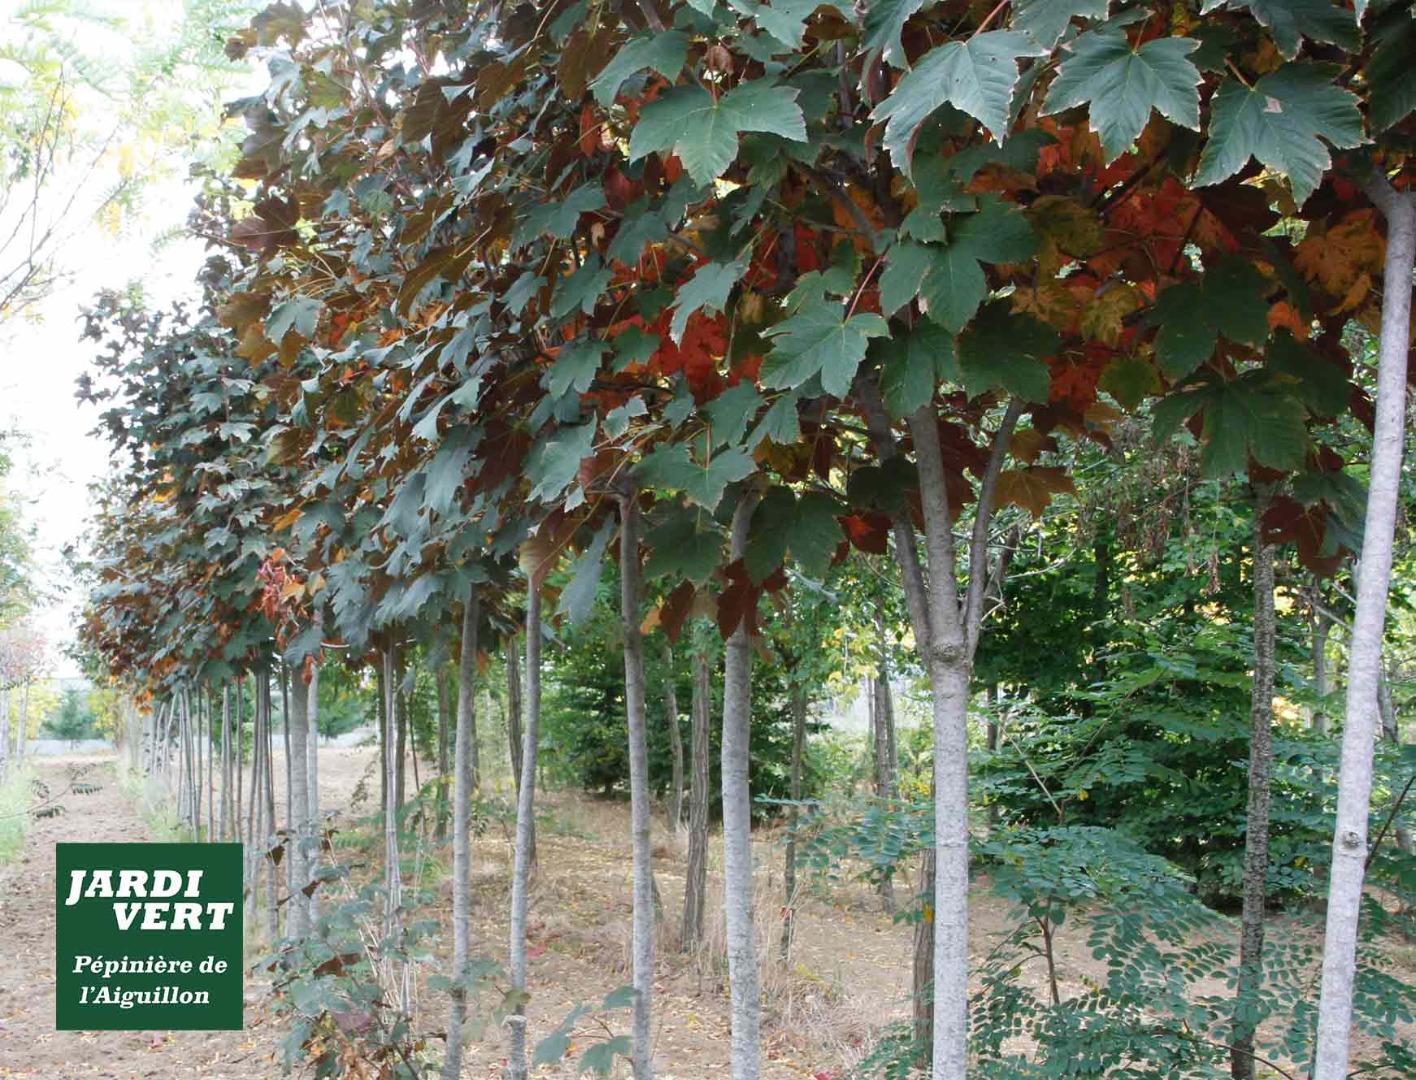 Vente de jeunes tilleuls - Jardi Vert pépinière de l'Aiguillon à Toulouse